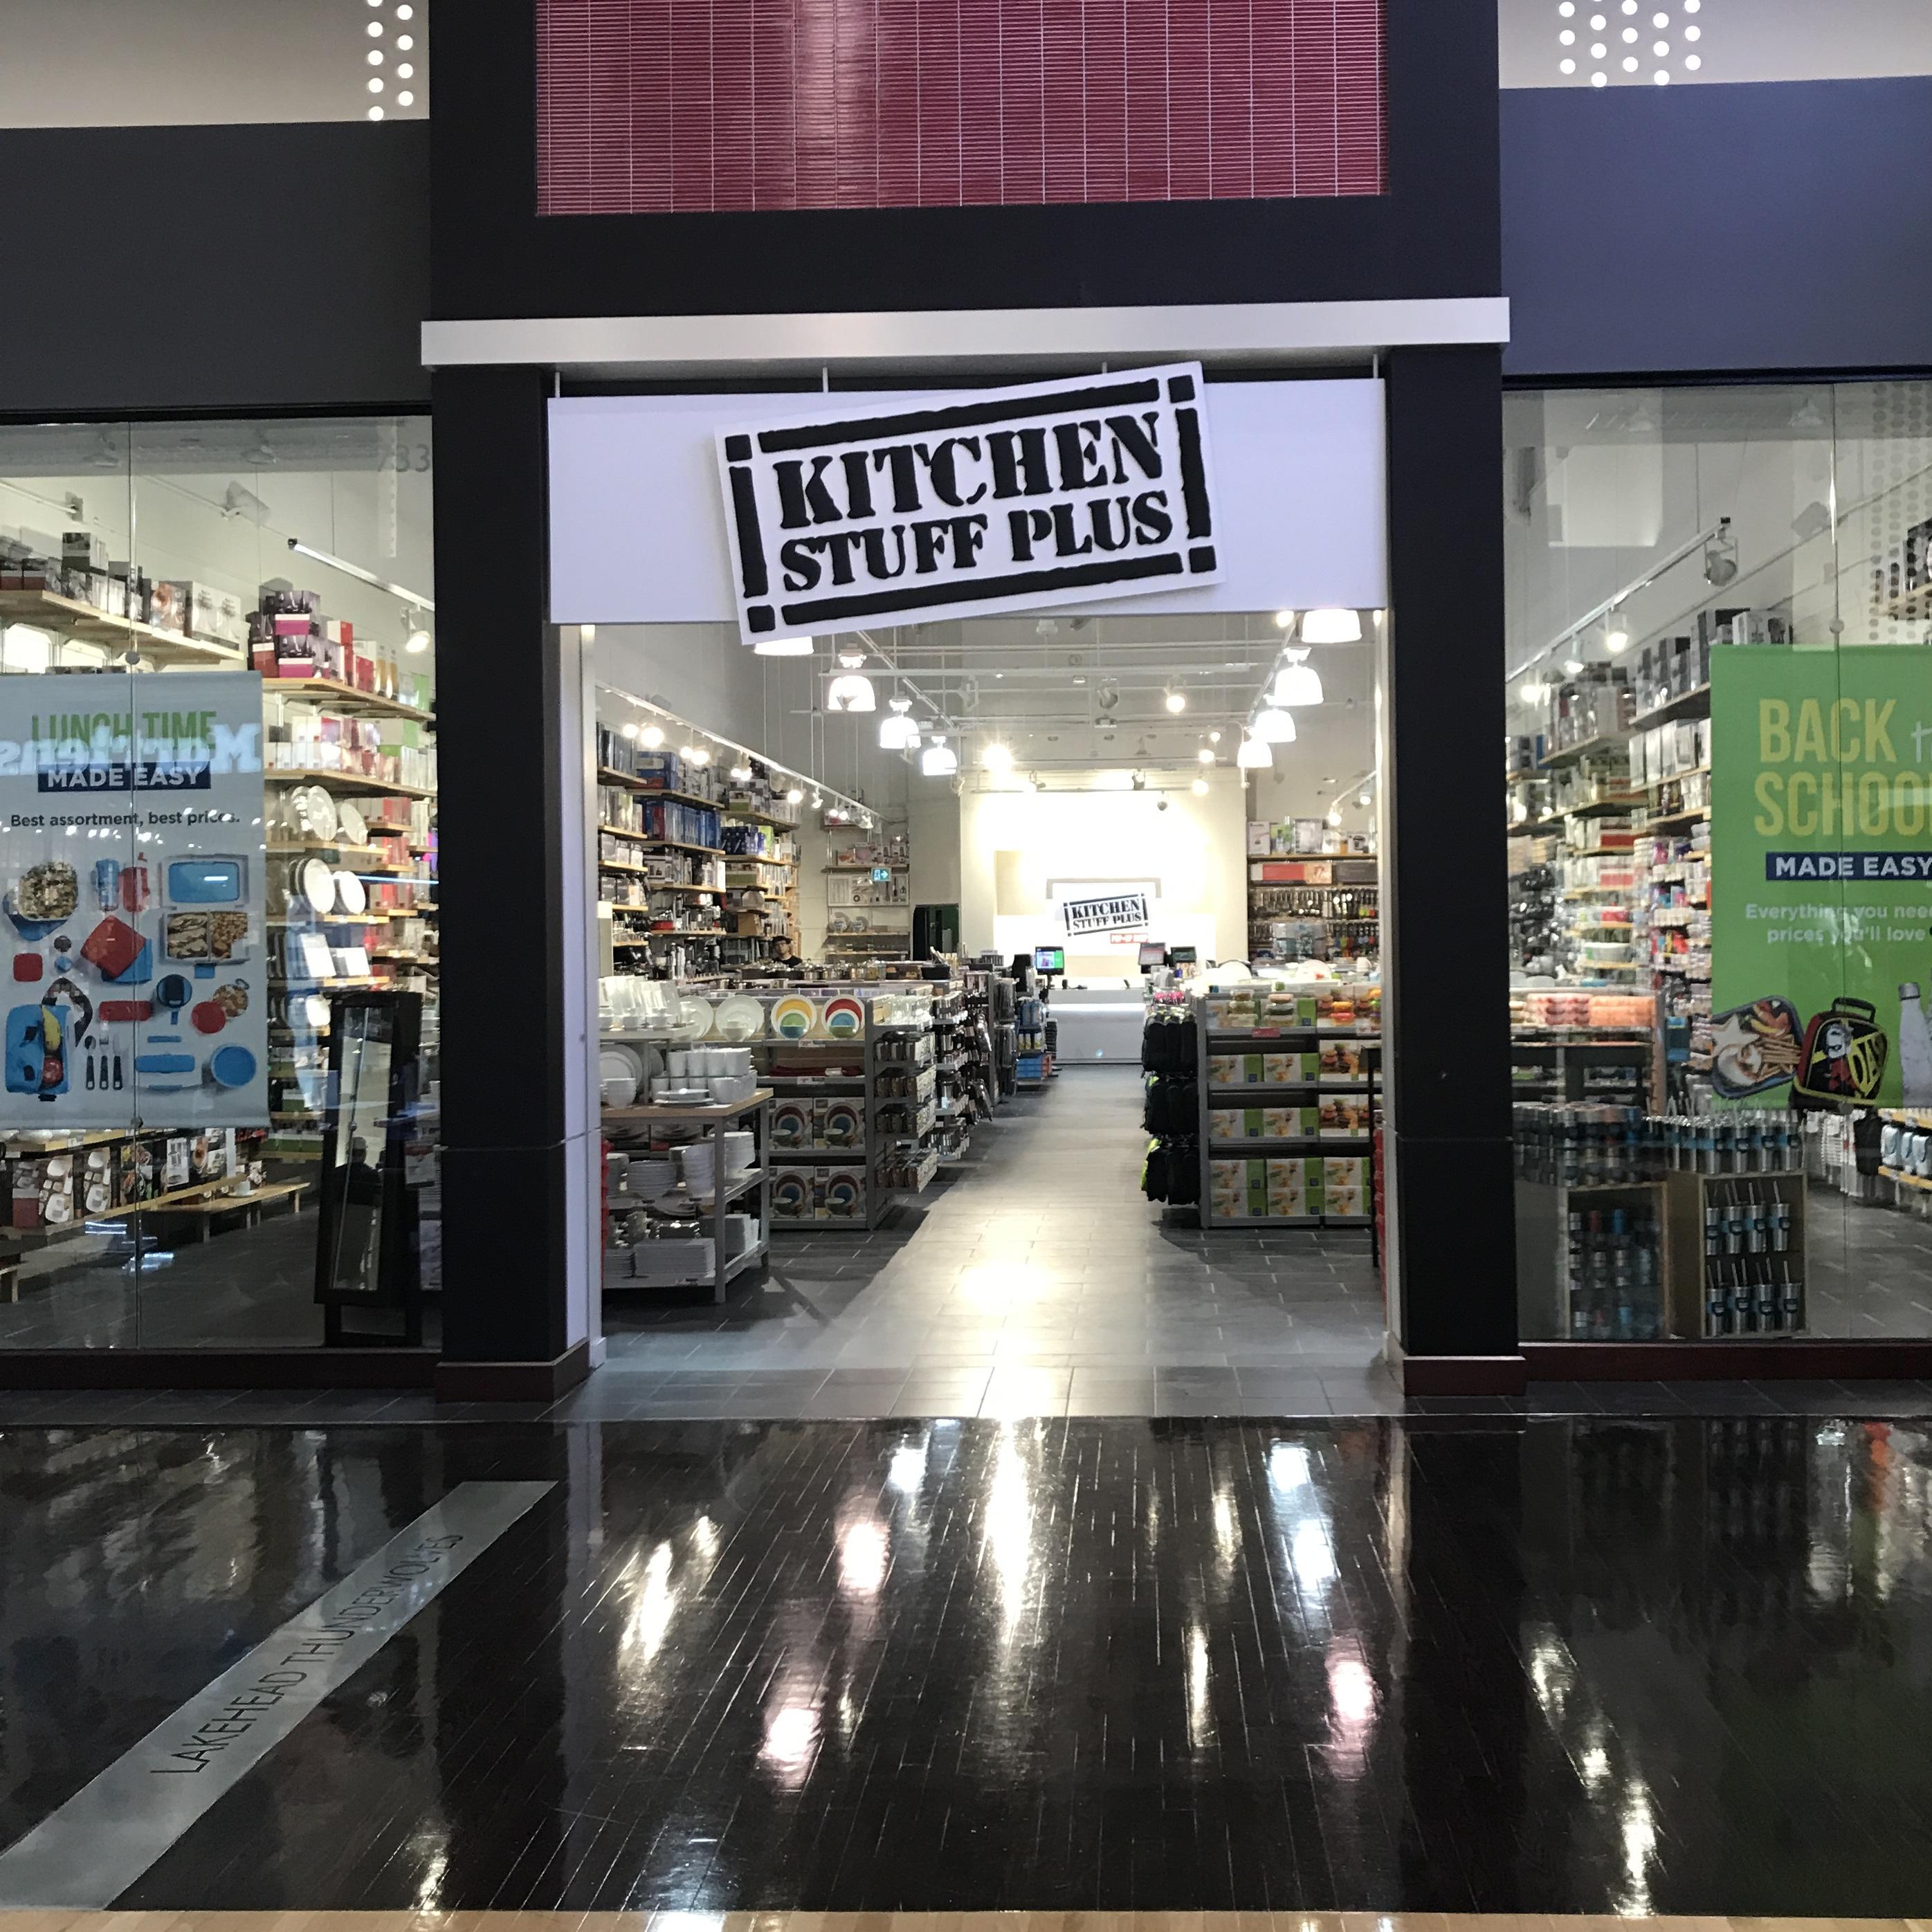 st611jpgv1536083391870 - Kitchen Stuff Plus